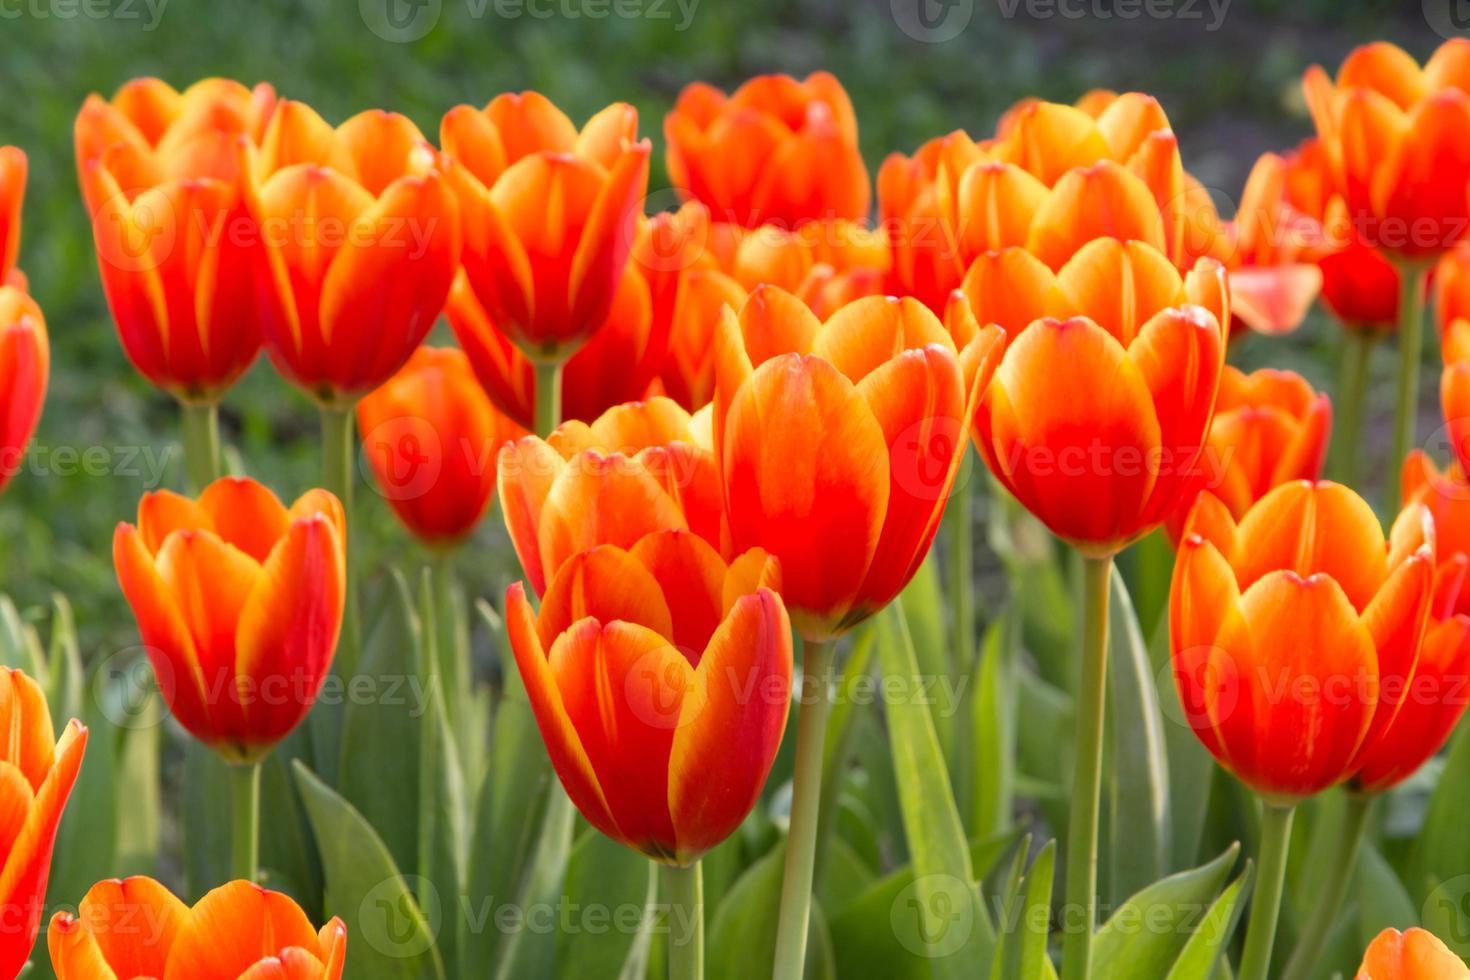 tulipanes de colores y otras flores en el parque real rajapruek. foto